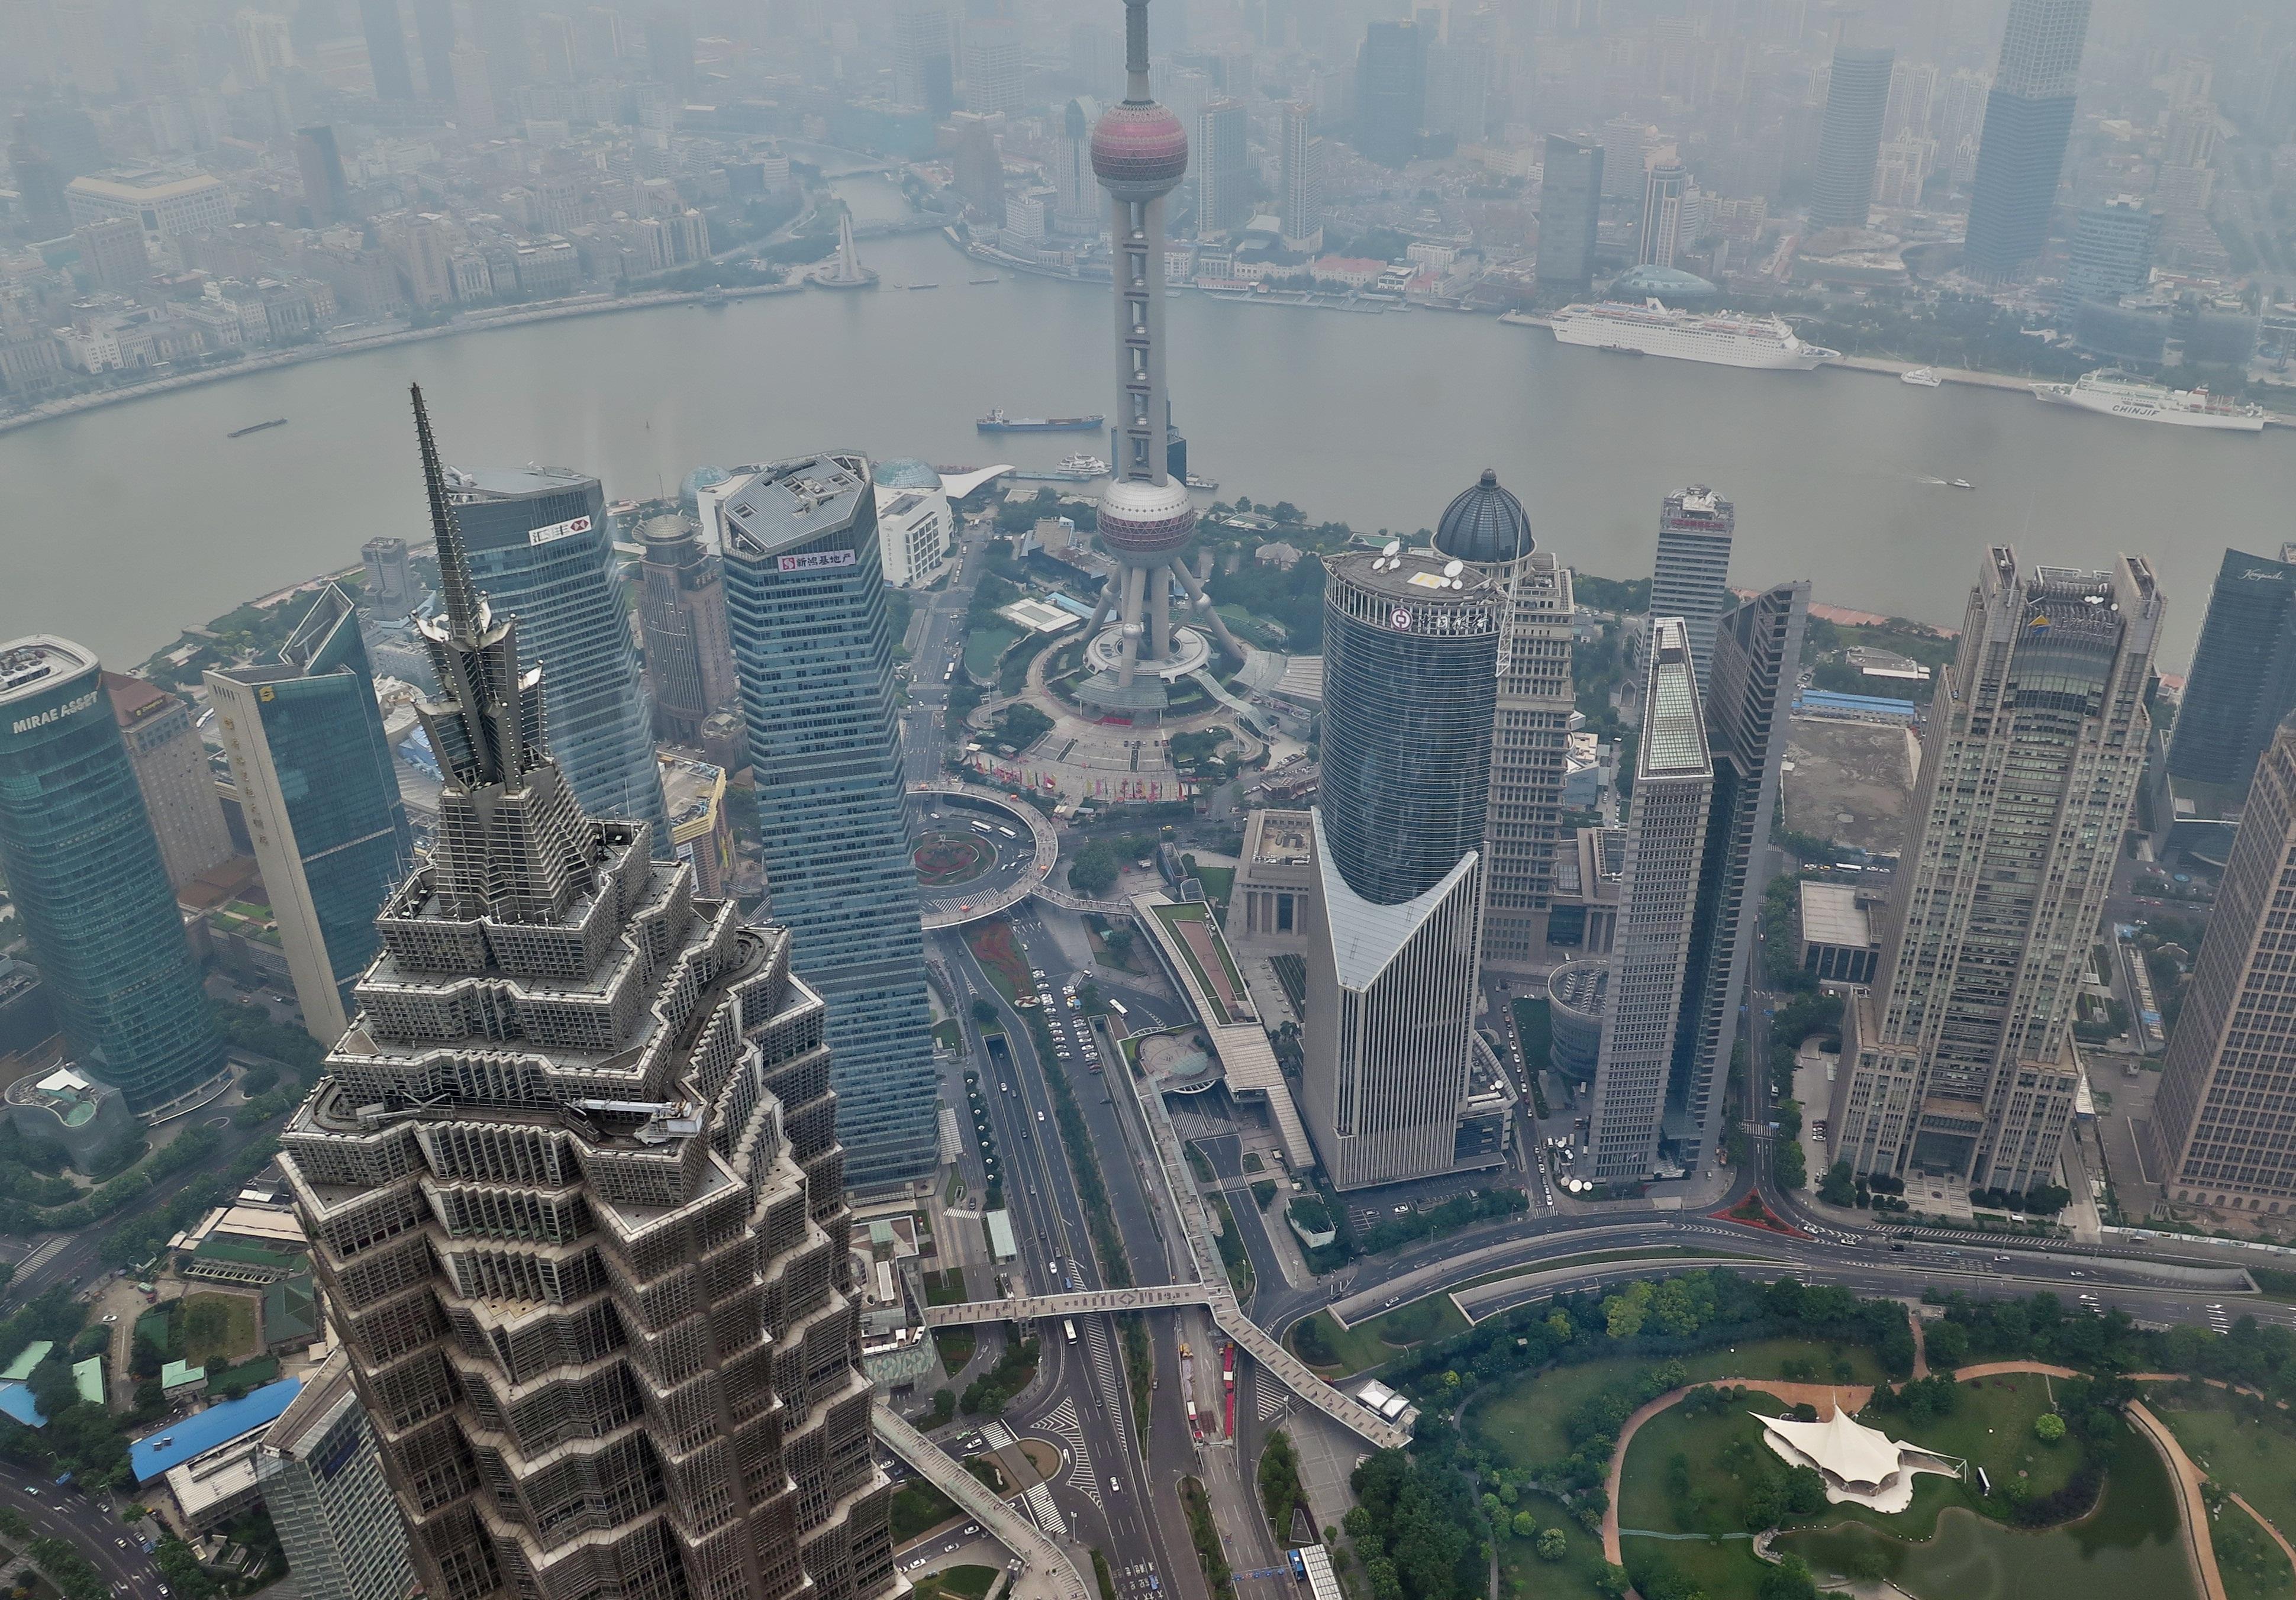 El 92% de la población mundial vive en lugares muy contaminados